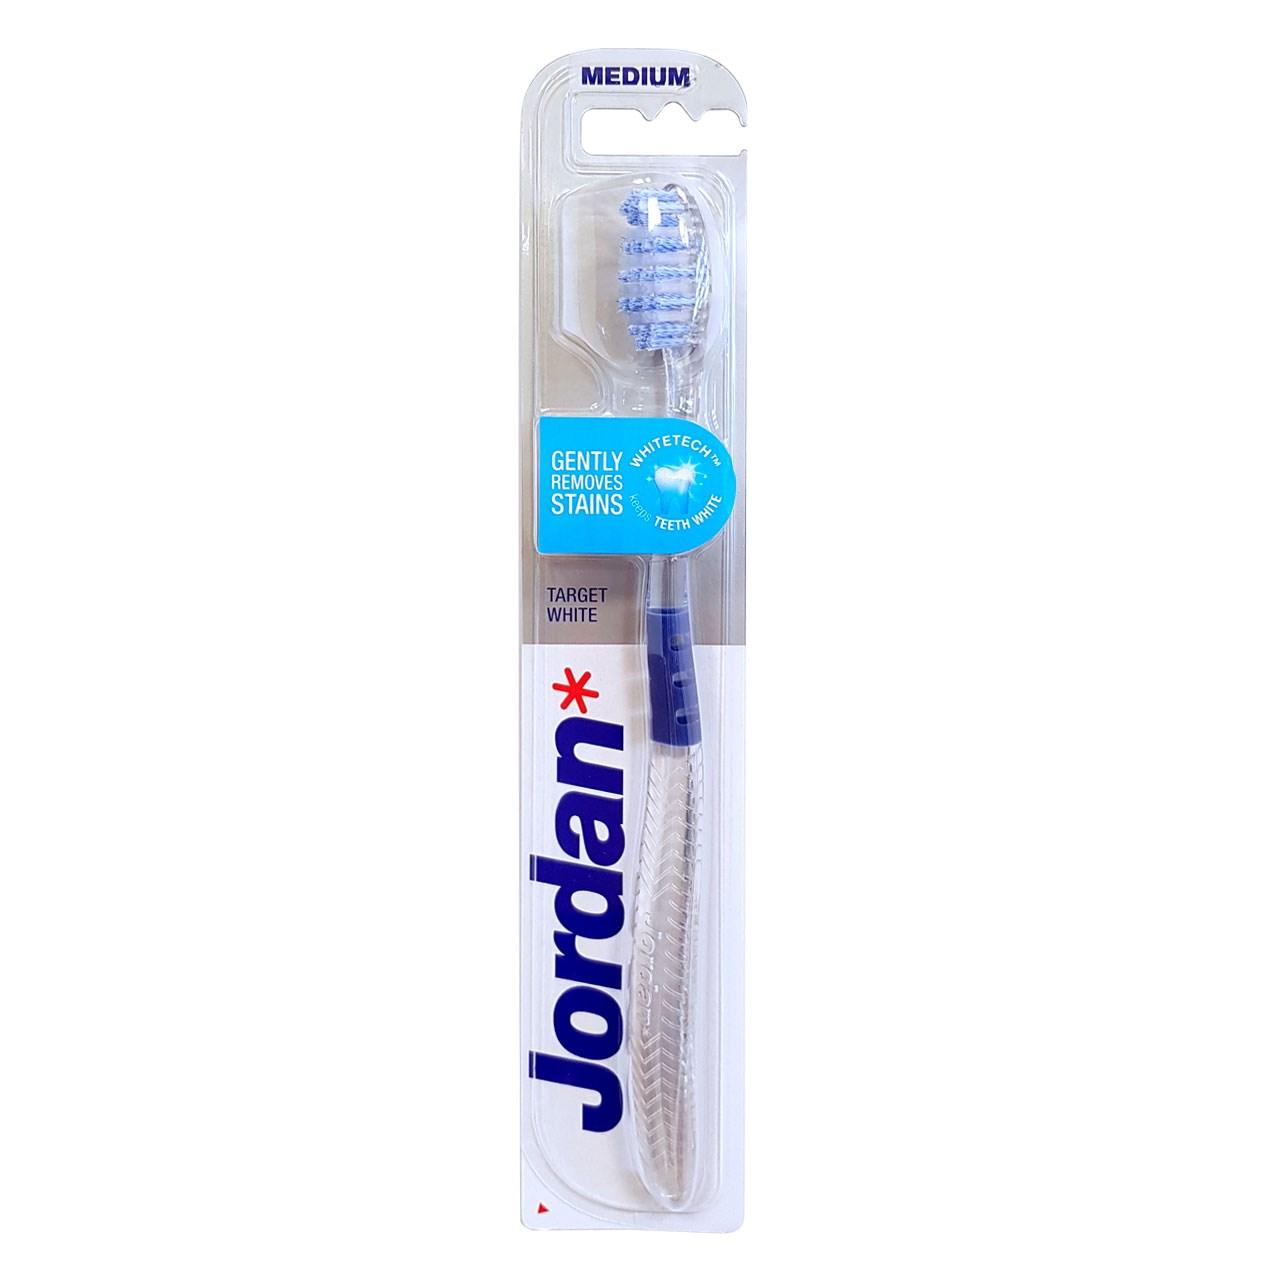 قیمت مسواک جردن مدل Target White با برس متوسط